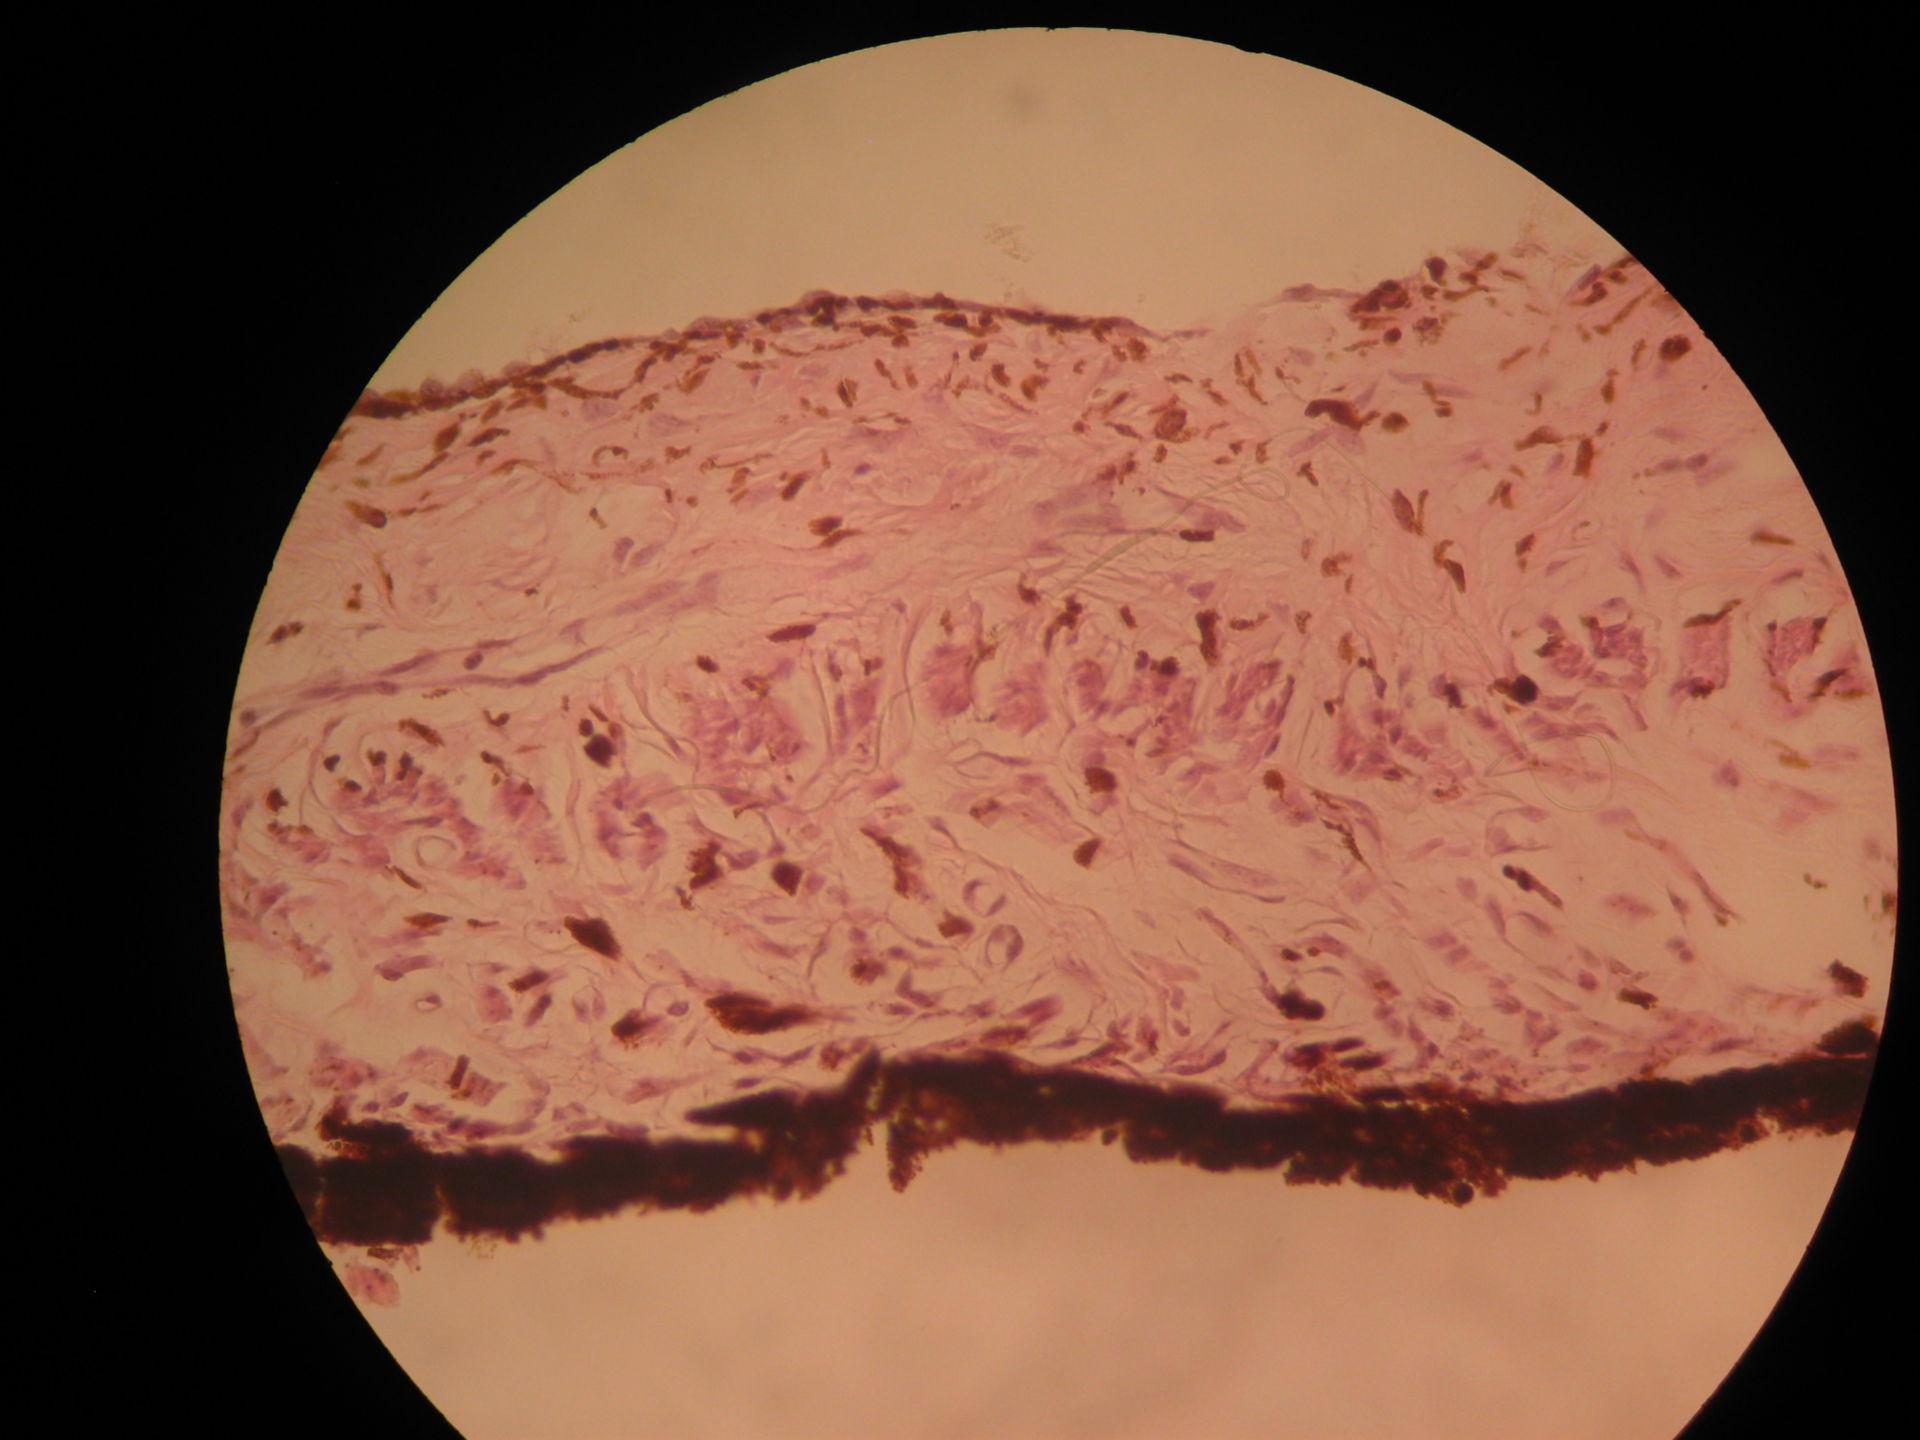 Auge des Schafes - Iris   M. dilatator pupillae